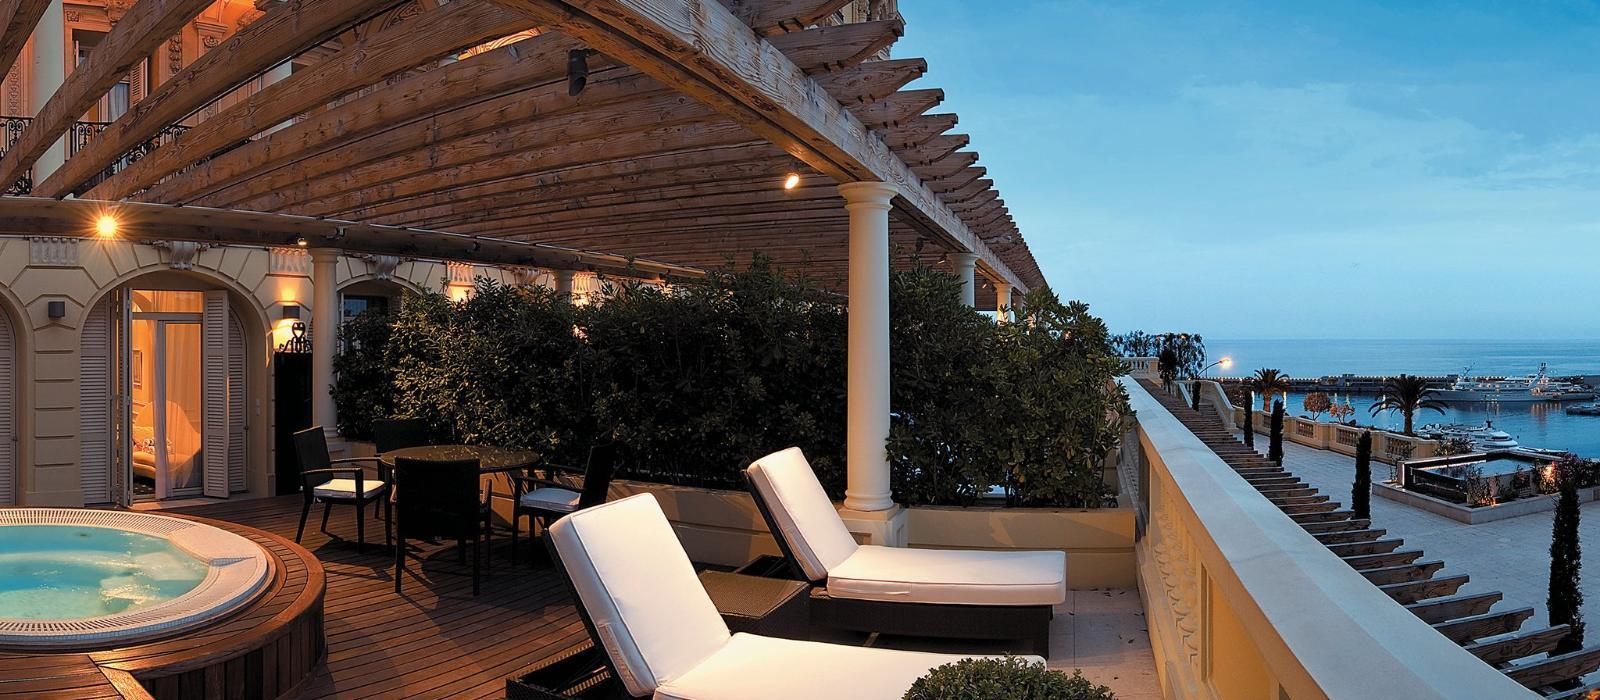 蒙特卡洛赫谧坦吉大酒店(Hotel Hermitage Monte-Carlo) 图片  www.lhw.cn